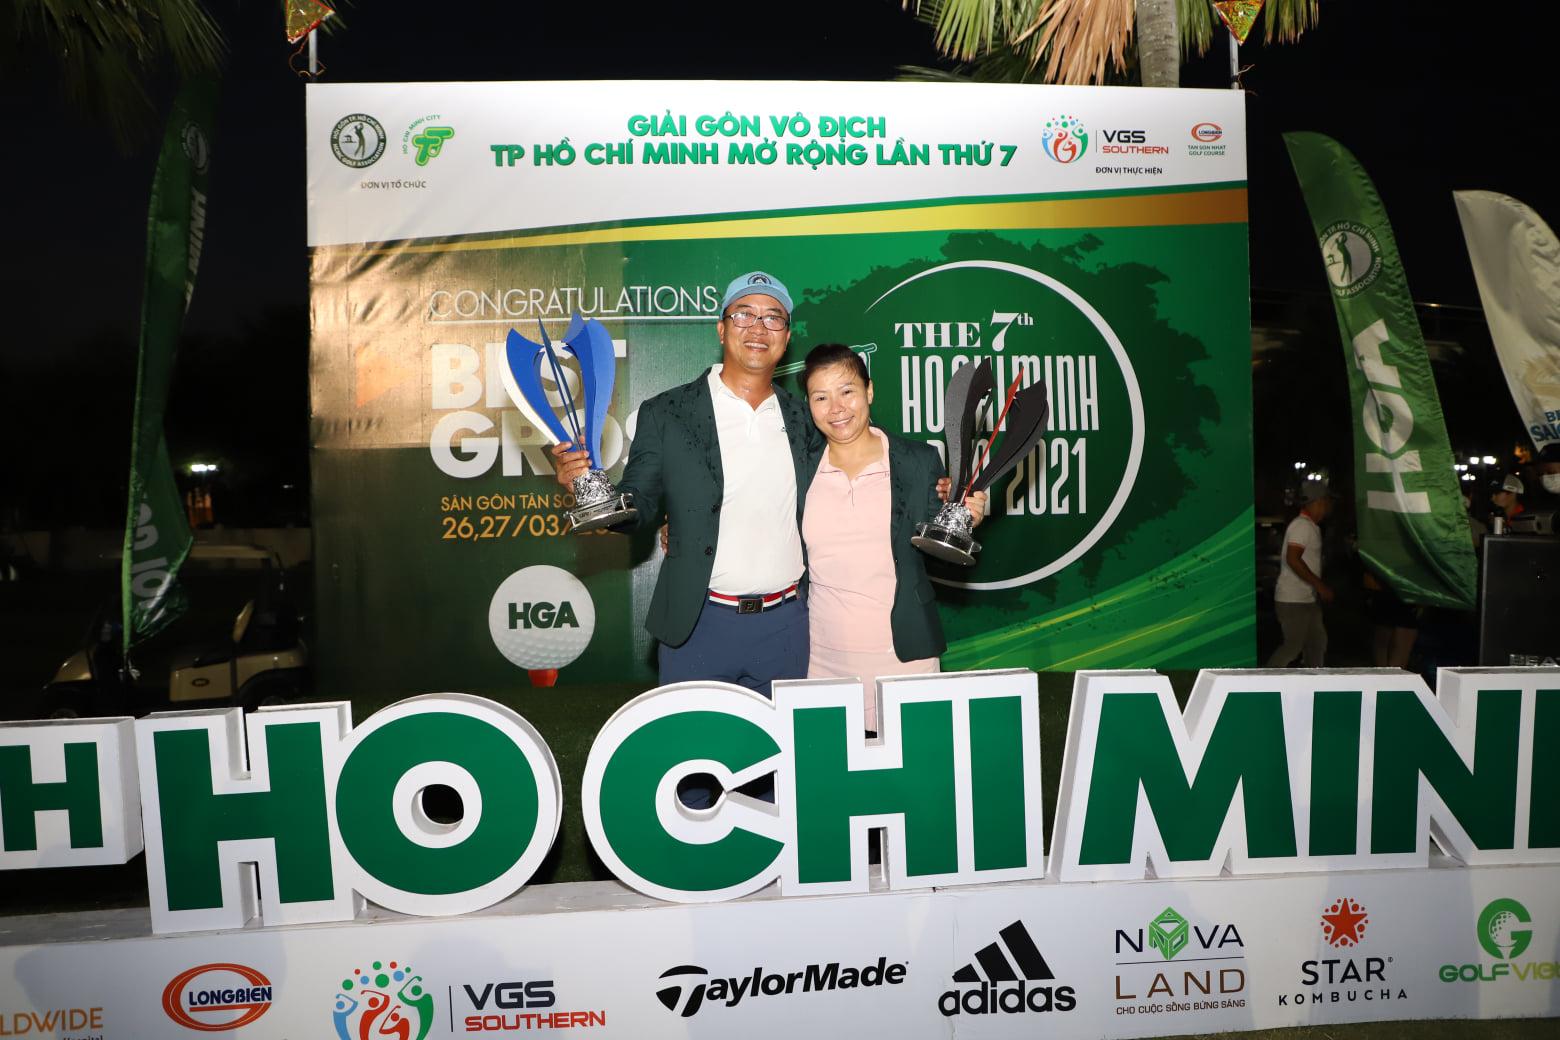 Khoảnh khắc trao giải Best Gross - Giải Gôn Vô Địch Mở Rộng Lần Thứ 7 trên Sân Golf Tân Sơn Nhất 27.03.2021